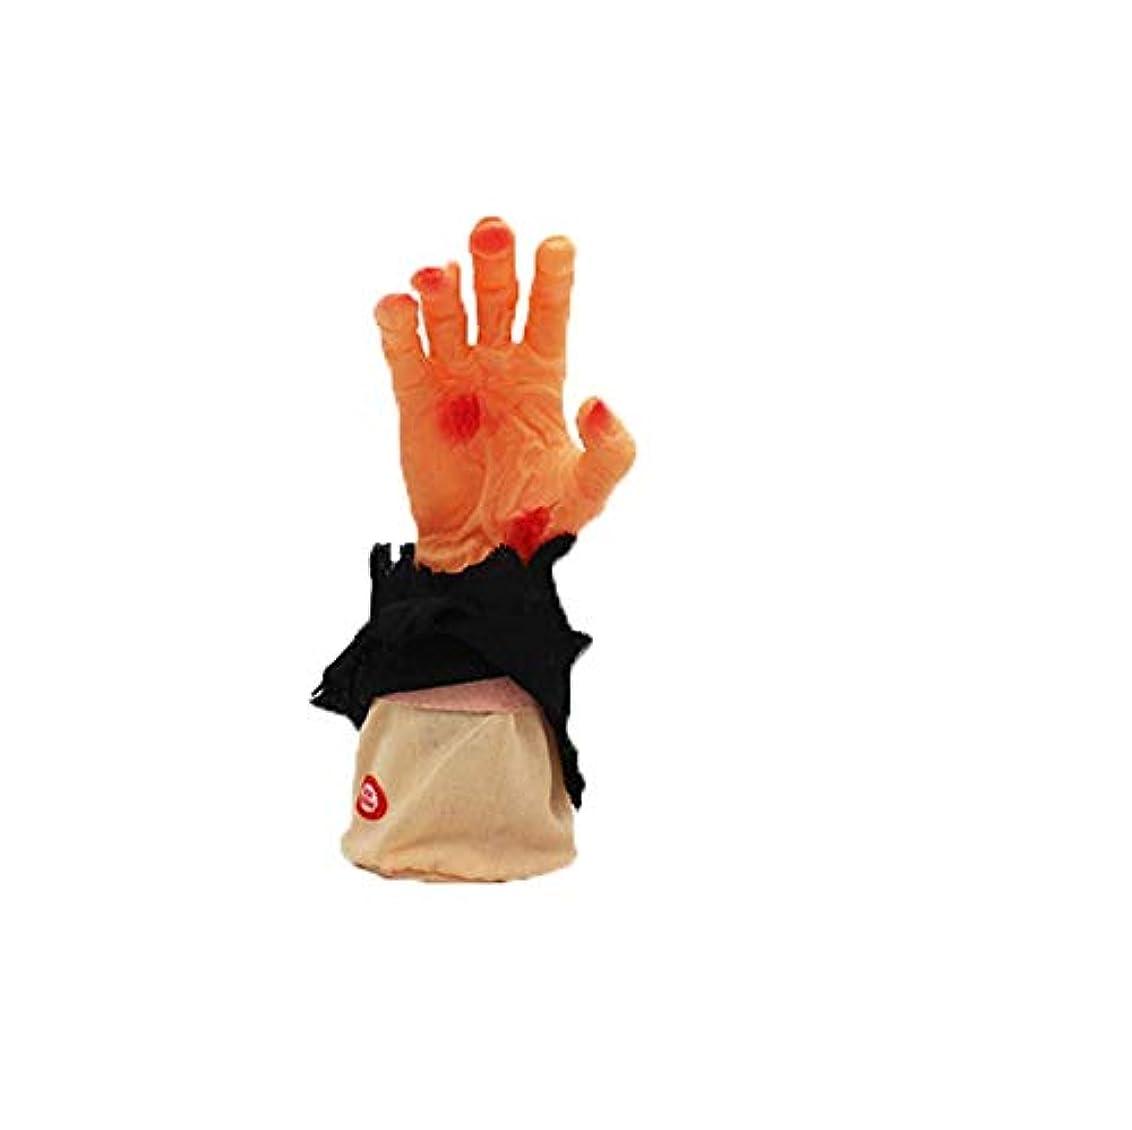 社交的ショッピングセンター暴力的なハロウィーンのきちんとしたおもちゃ、幽霊の血の装飾的な小道具は怖い